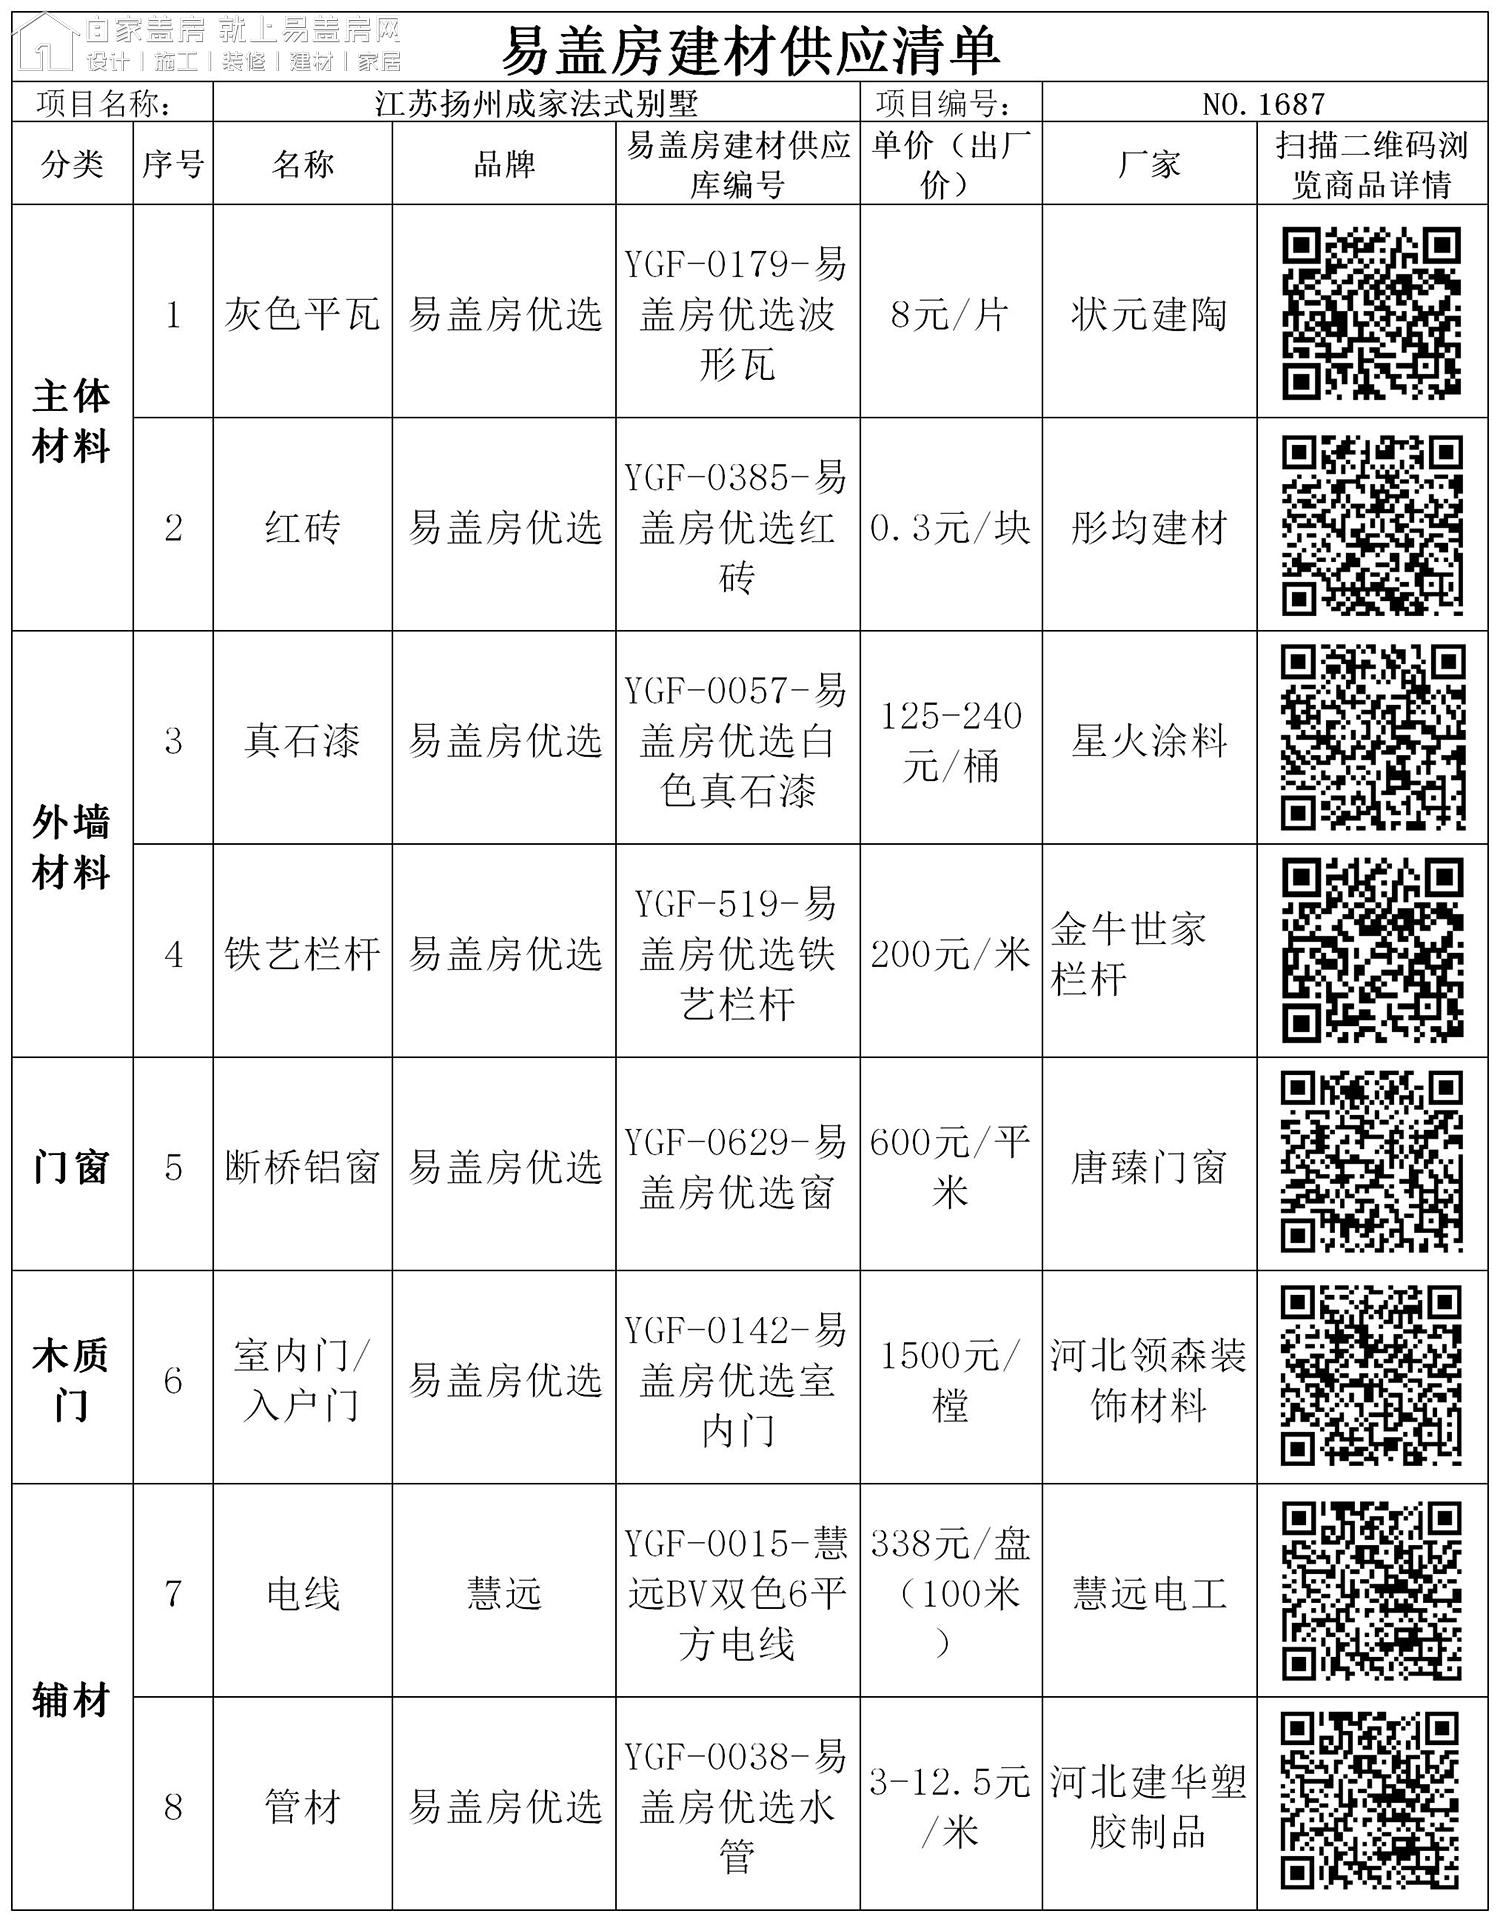 易蓋房建材供應清單- 江蘇揚州成恩澤别墅.jpg